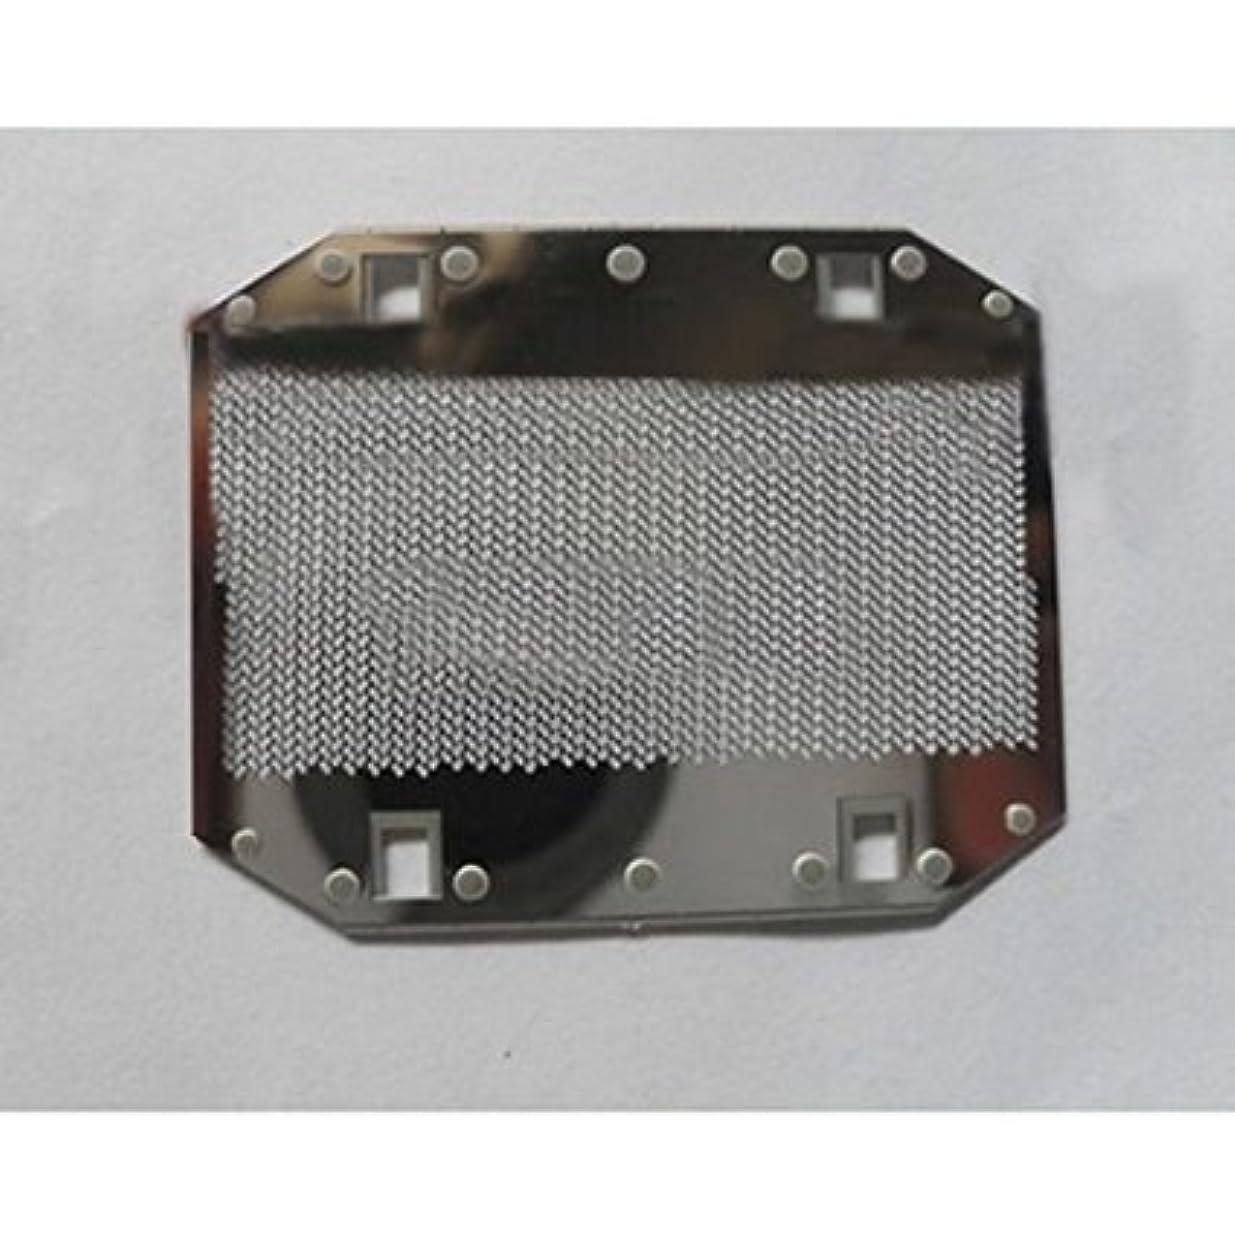 赤道雇ったパーフェルビッドLinyuan 安定した品質 Shaver Outer Foil for ES3042 ES3831 ES-RC30 ES3801 ES9943C